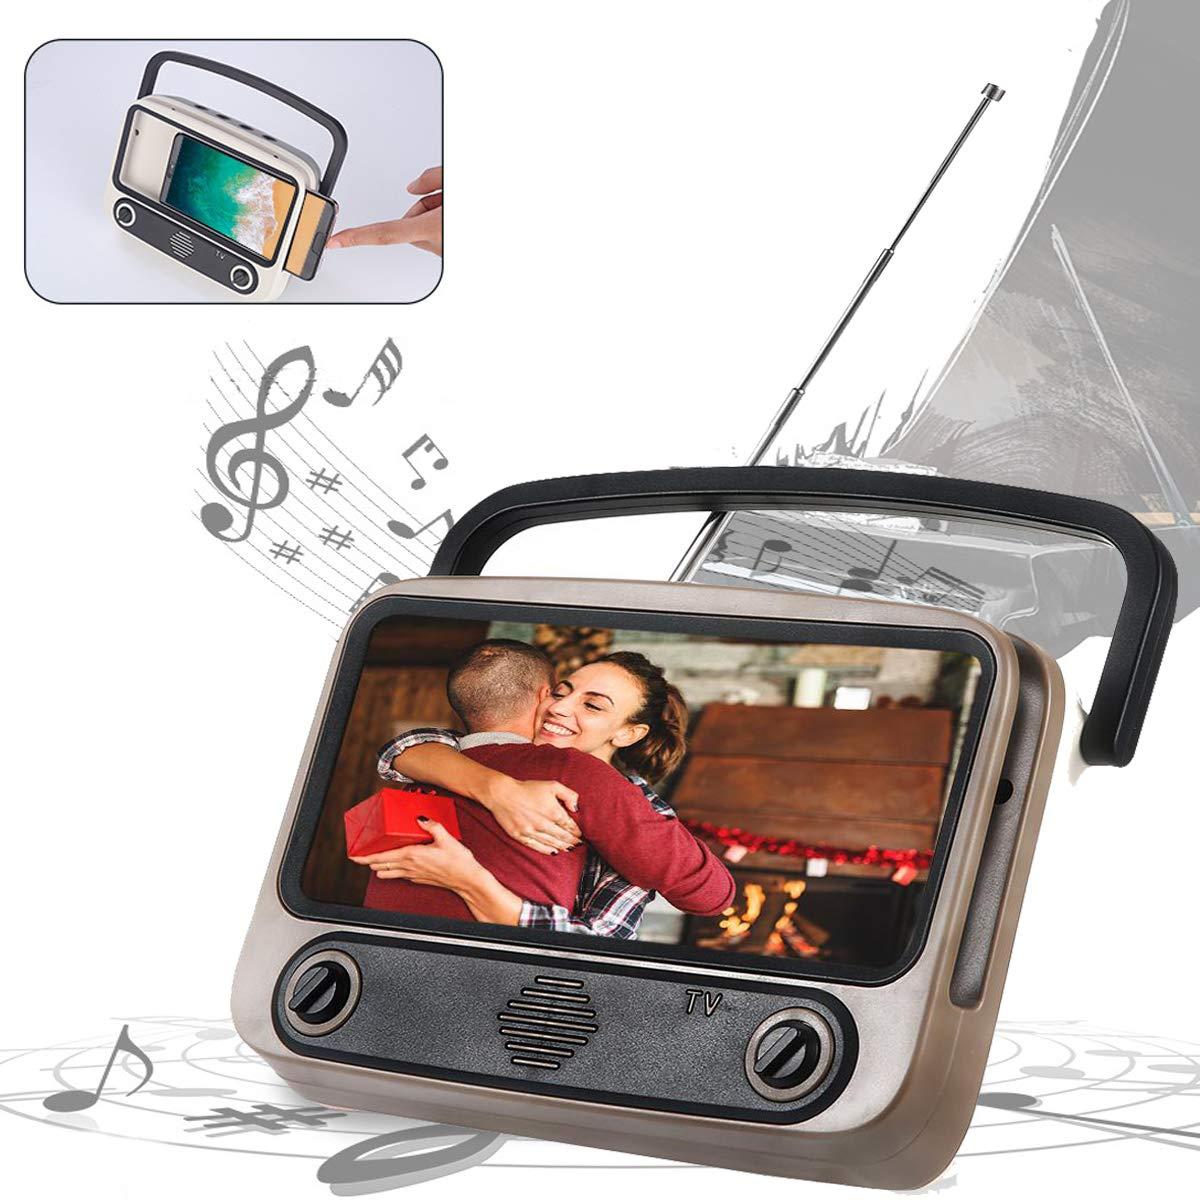 Volwco - Altavoz inalámbrico 3 en 1, estilo retro con soporte para teléfono, función de radio FM con antena, altavoz BT recargable por USB, accesorios ...